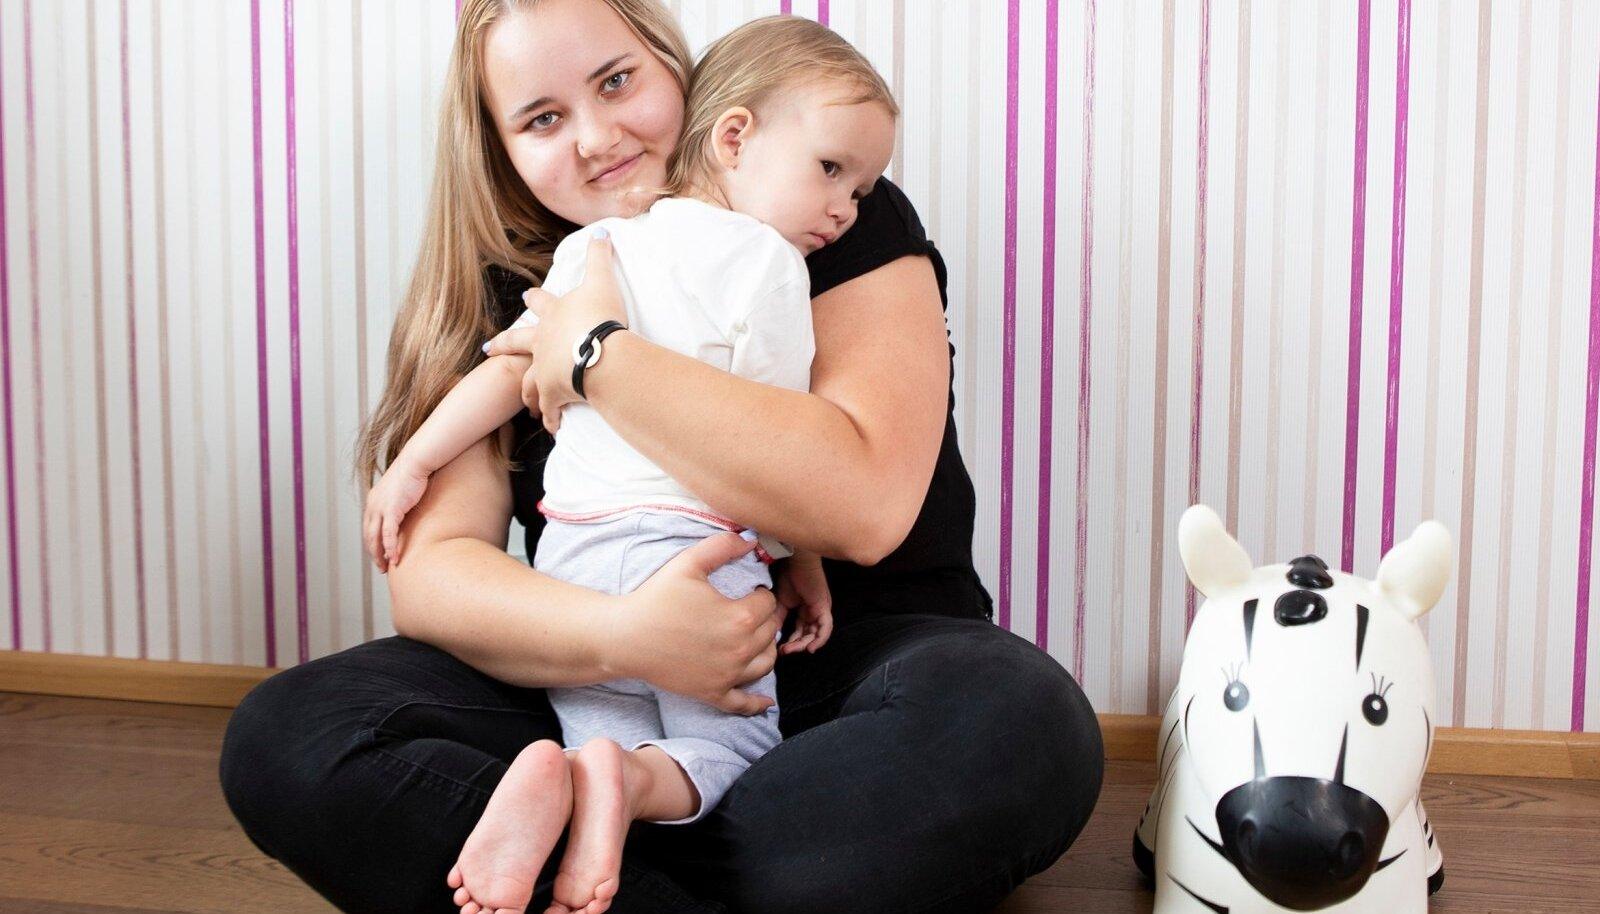 Teise röntgeniga tuvastas arst nööppatarei lapse söögitorust. Pärast seda saatsid nad Nora kohe operatsioonile.